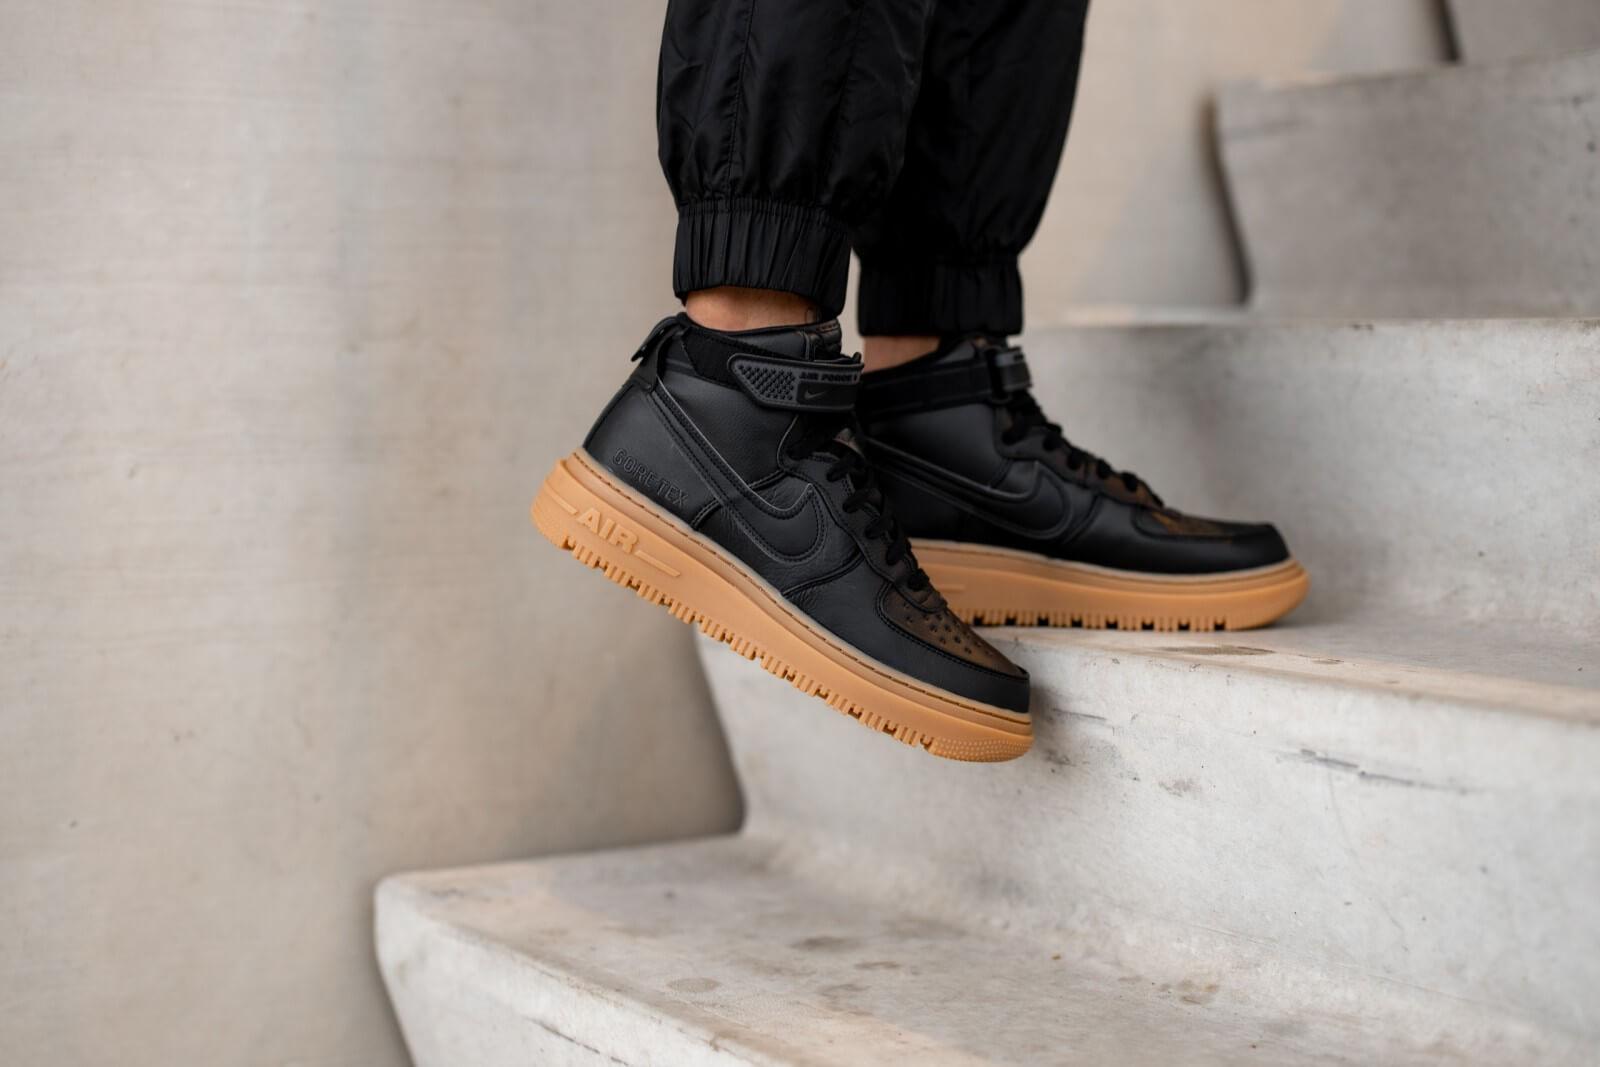 Nike Air Force 1 GTX Gore-Tex Boot Black/Gum